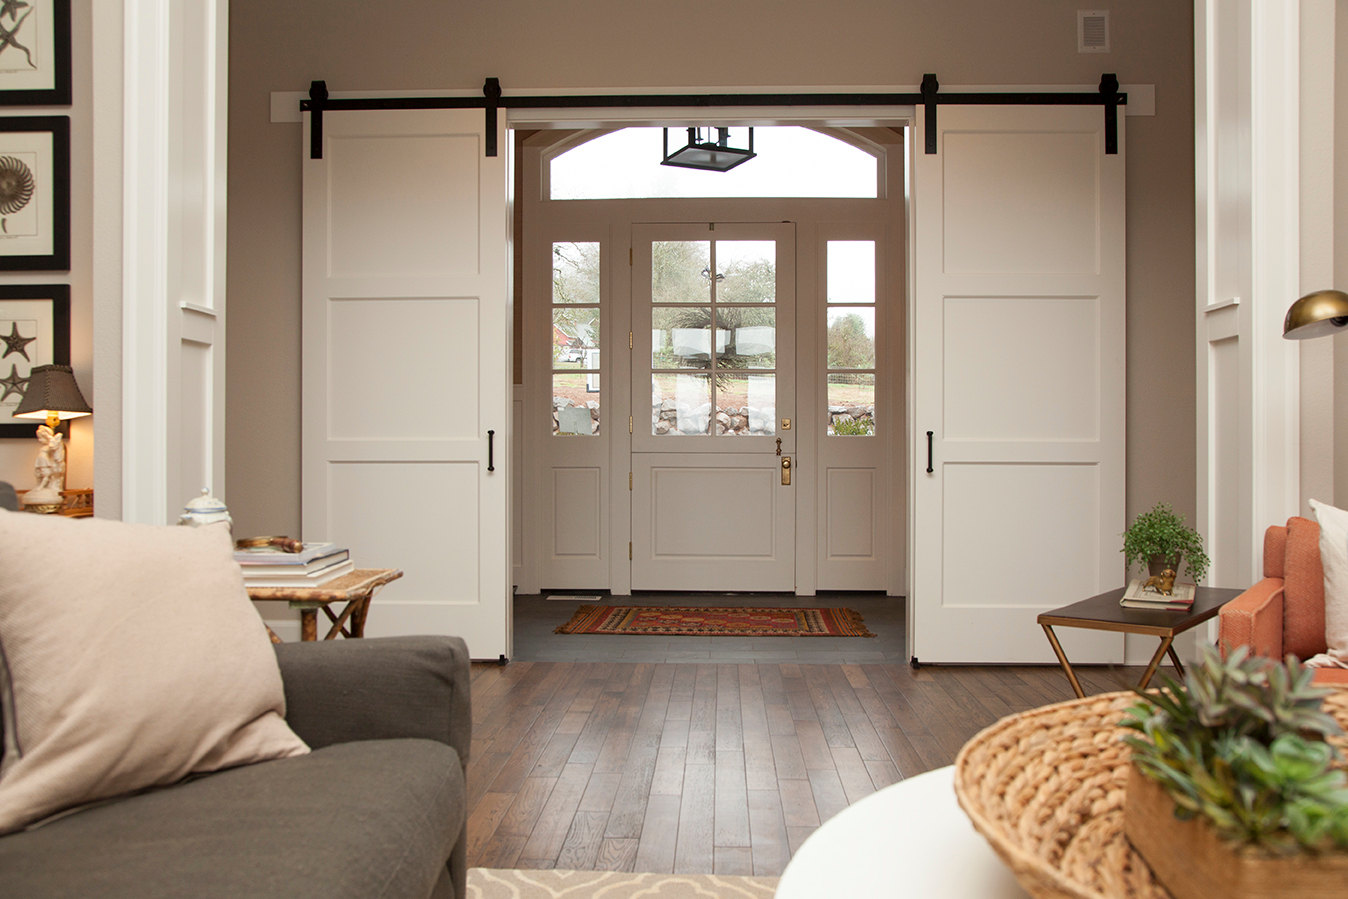 Systemy do drzwi przesuwnych przegl d mo liwo ci - How to hang interior french doors ...